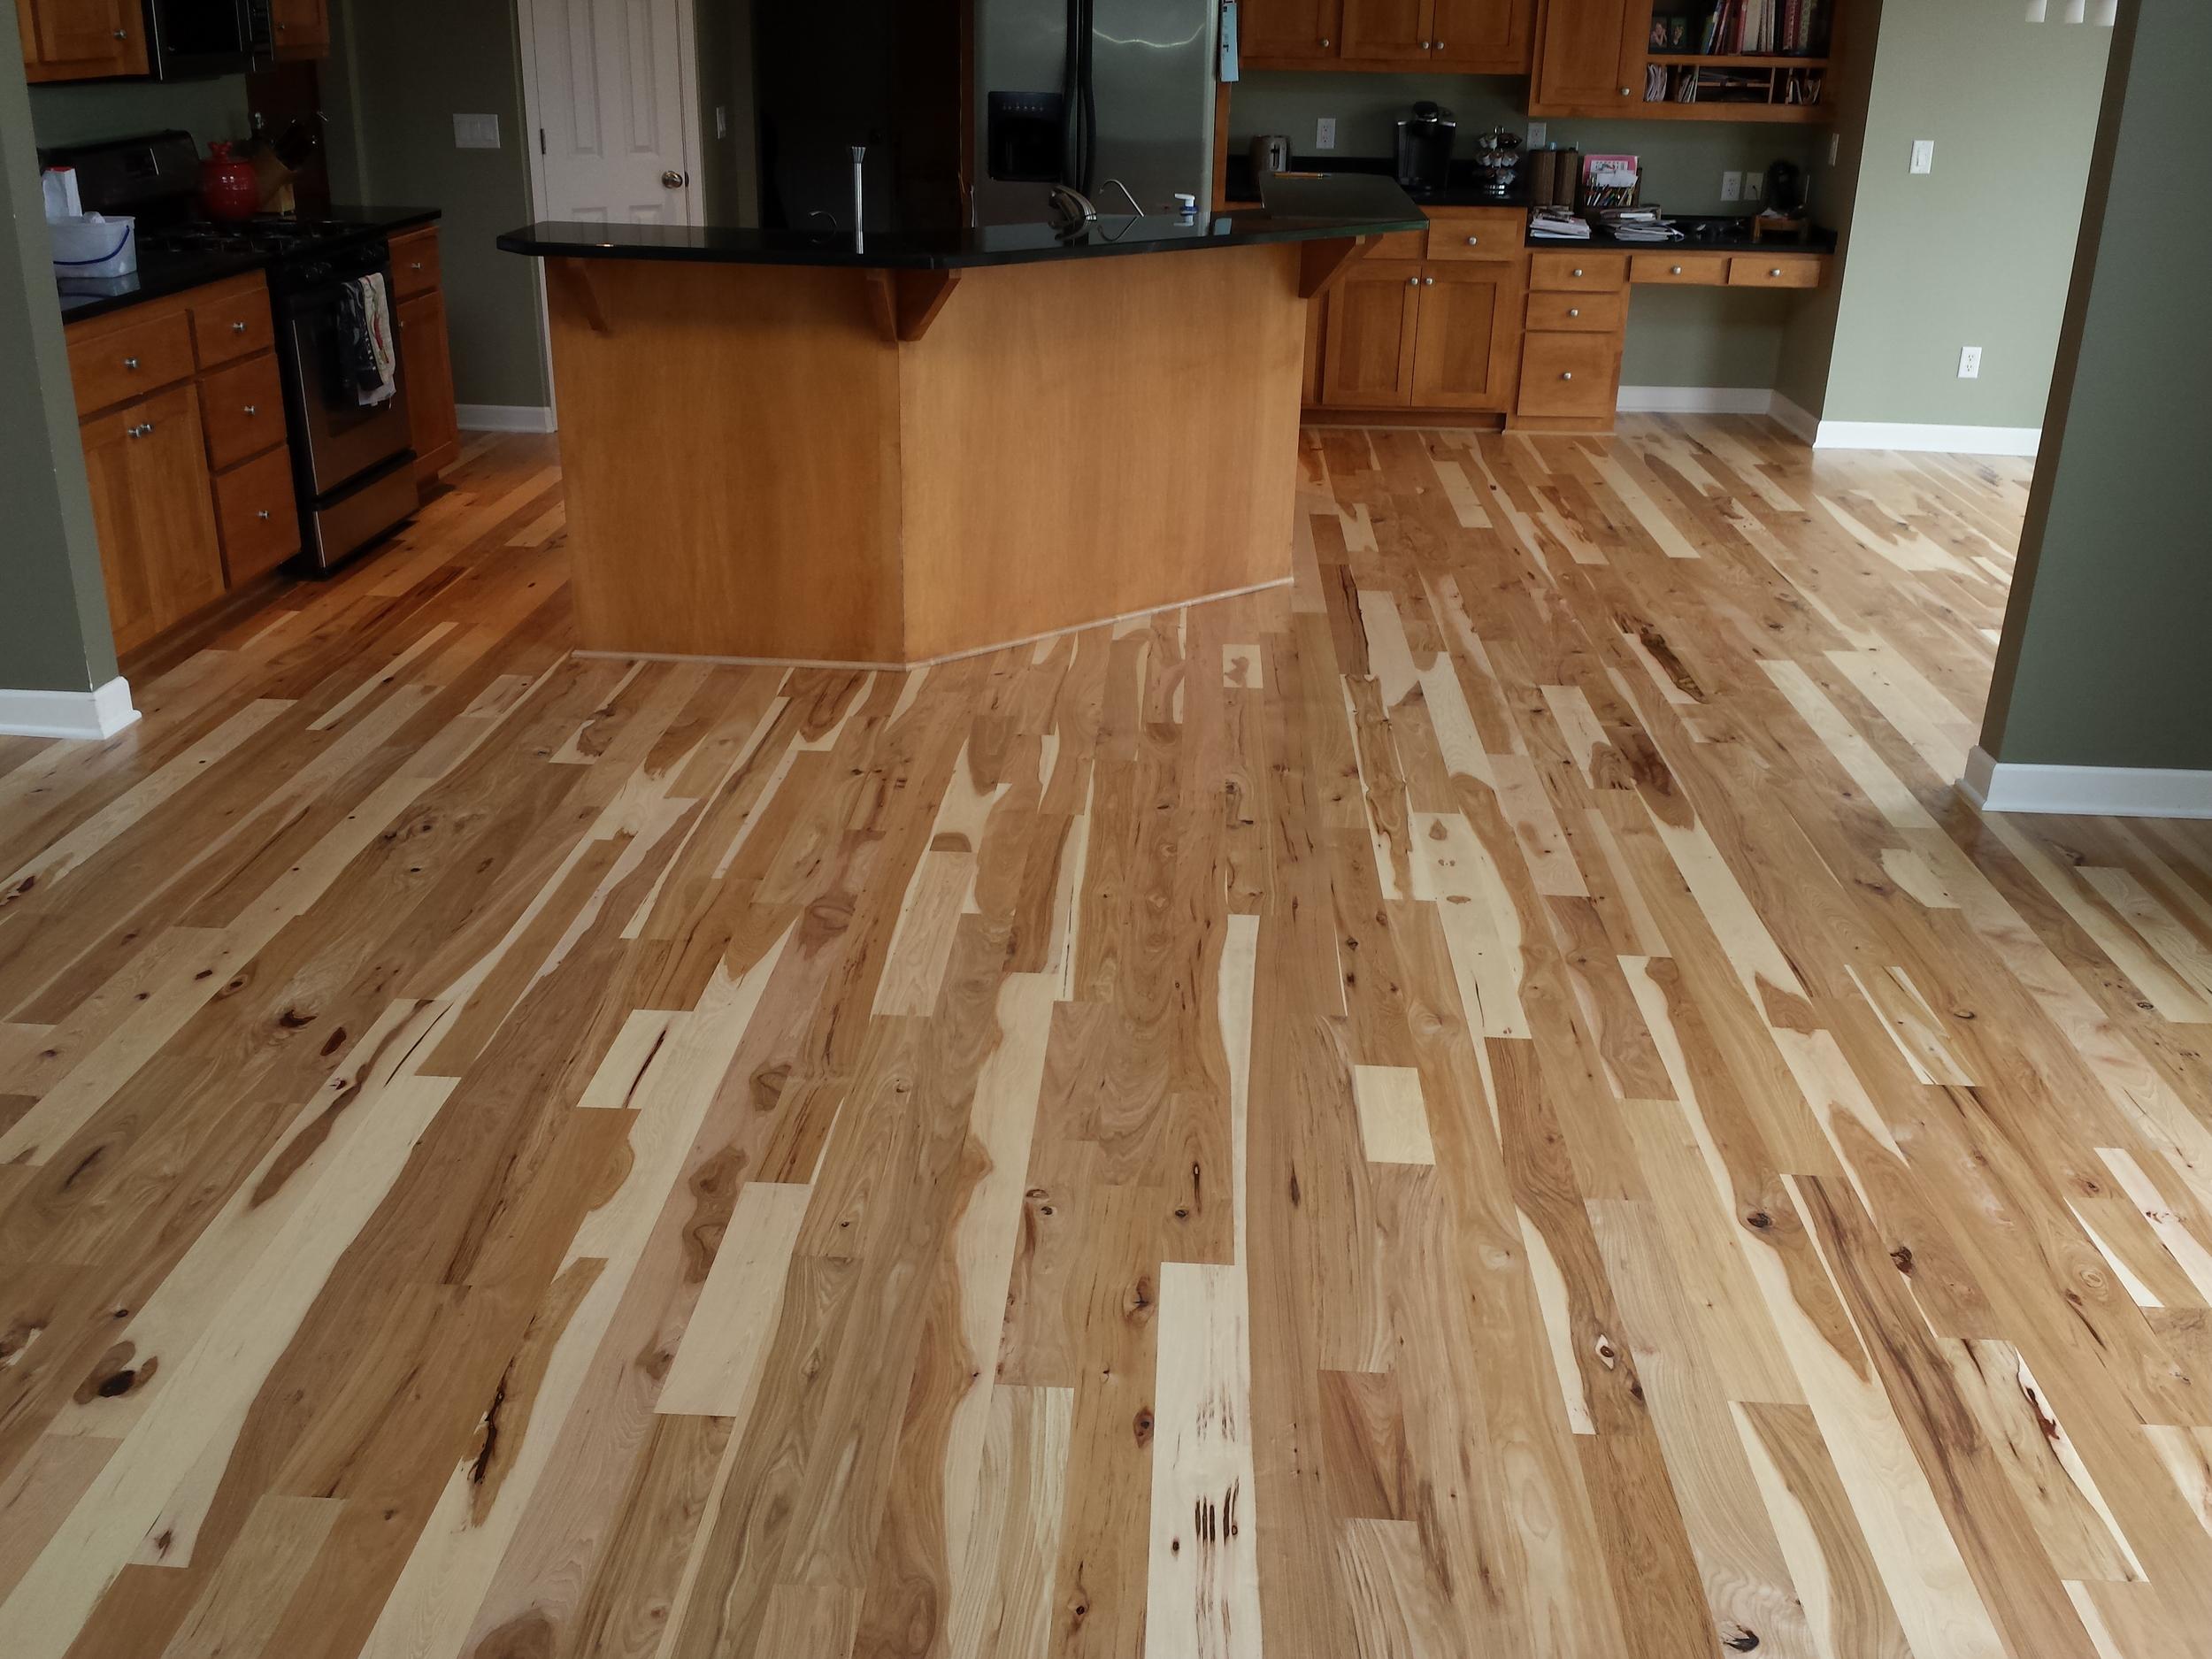 hickory-floor-installation-hastings-mn.jpg